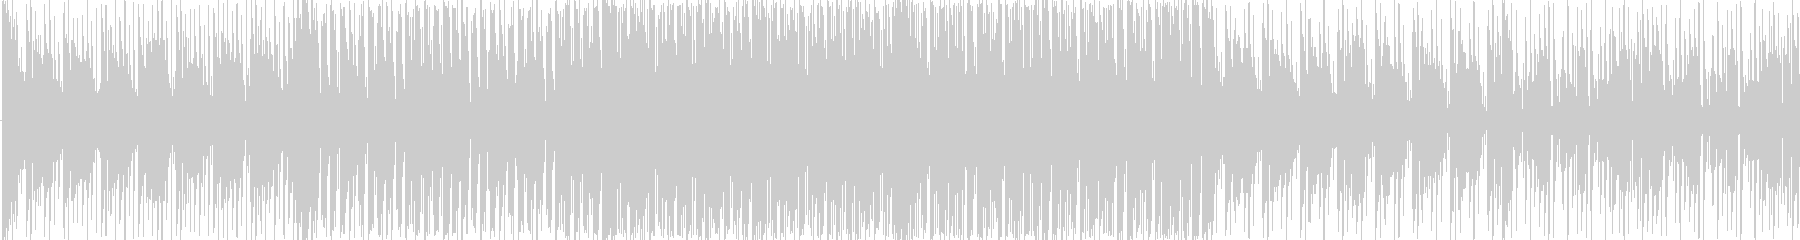 クールなキャラセレクトBGMの未再生の波形